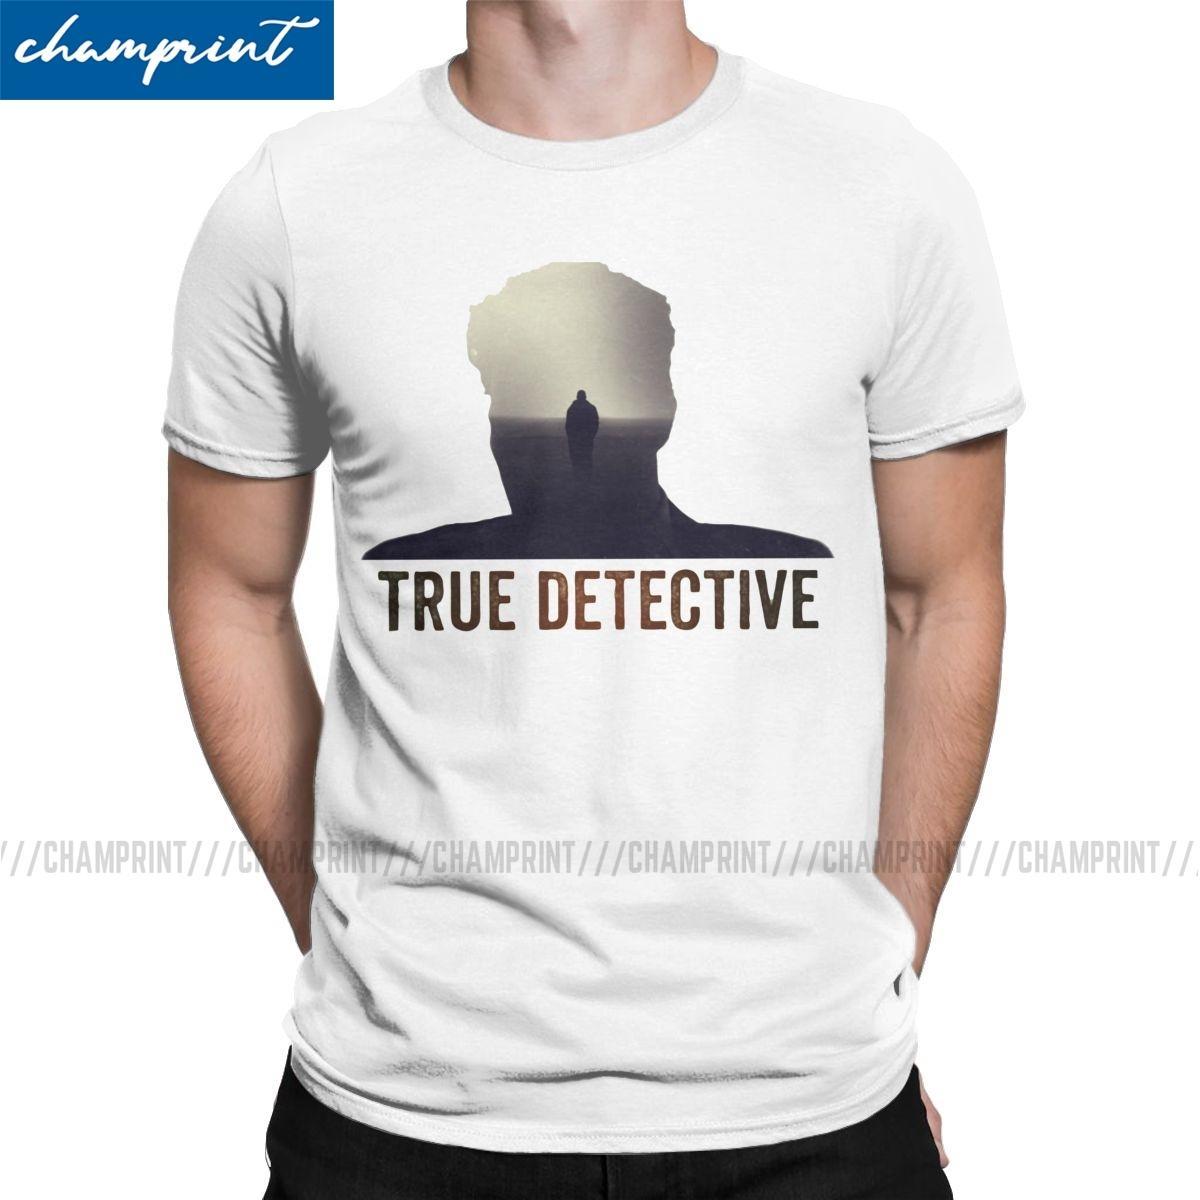 Acquista True Detective Uomini Magliette Rust Cohle Mcconaughey Serie TV  Vintage Tee Shirt Girocollo T Shirt Puro Cotone Delle Parti Superiori 6XL A  19,22 € Dal Yitianxing